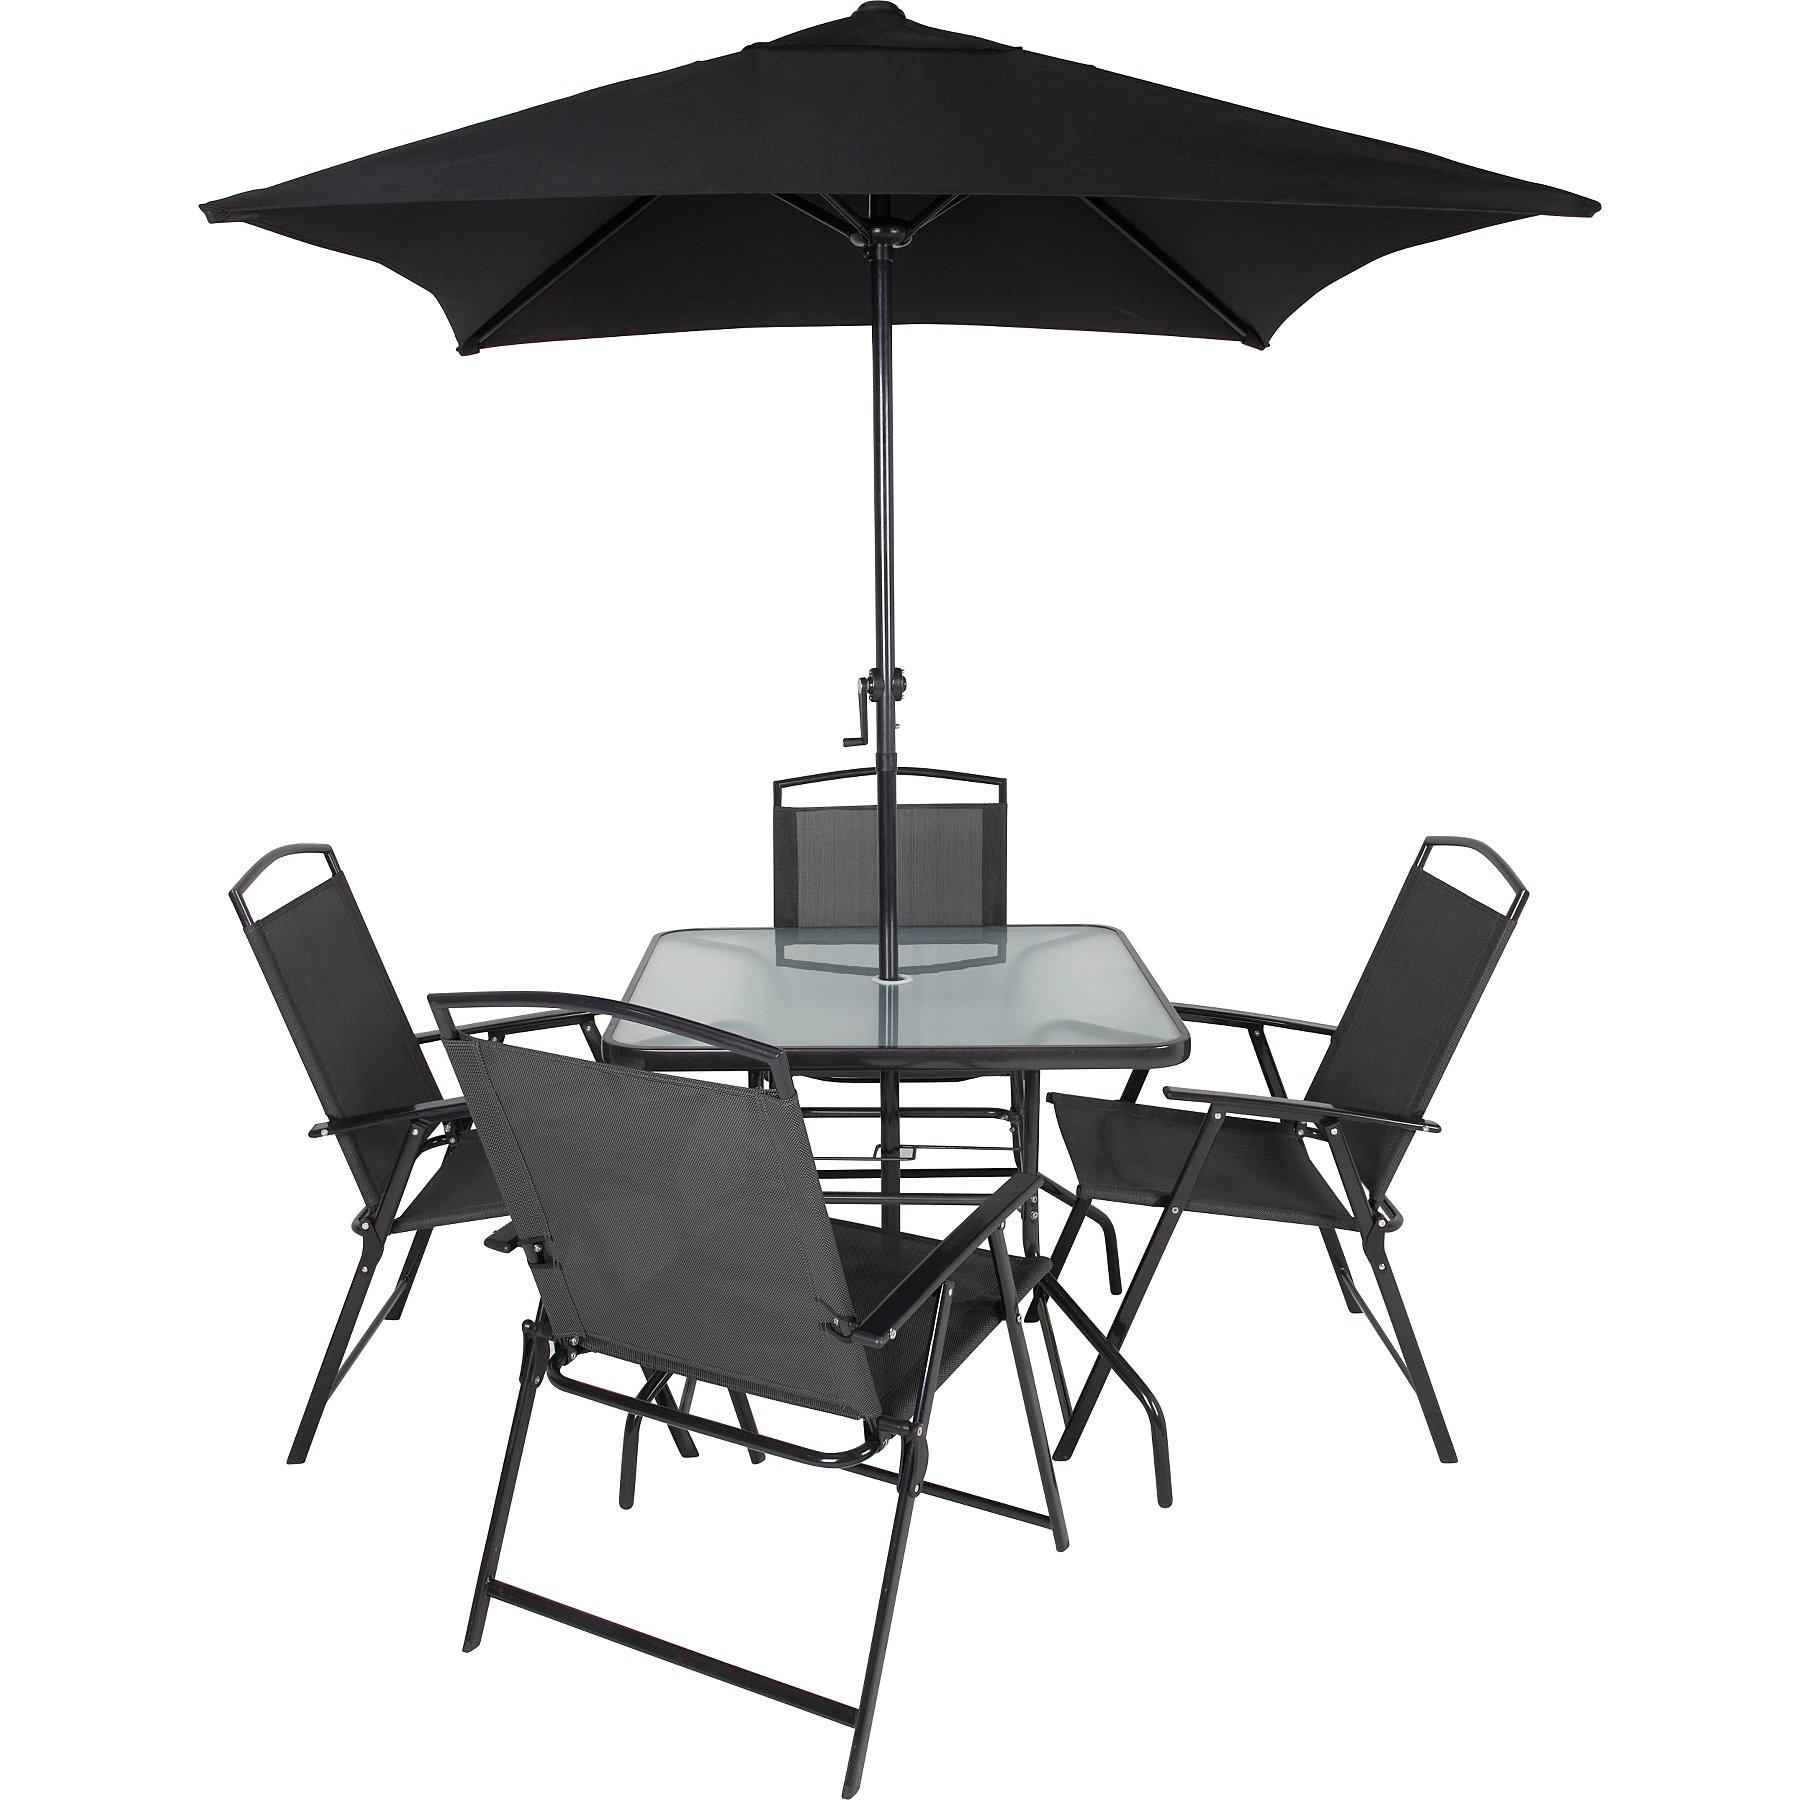 Super Asda Patio Set Inzonedesignstudio Interior Chair Design Inzonedesignstudiocom